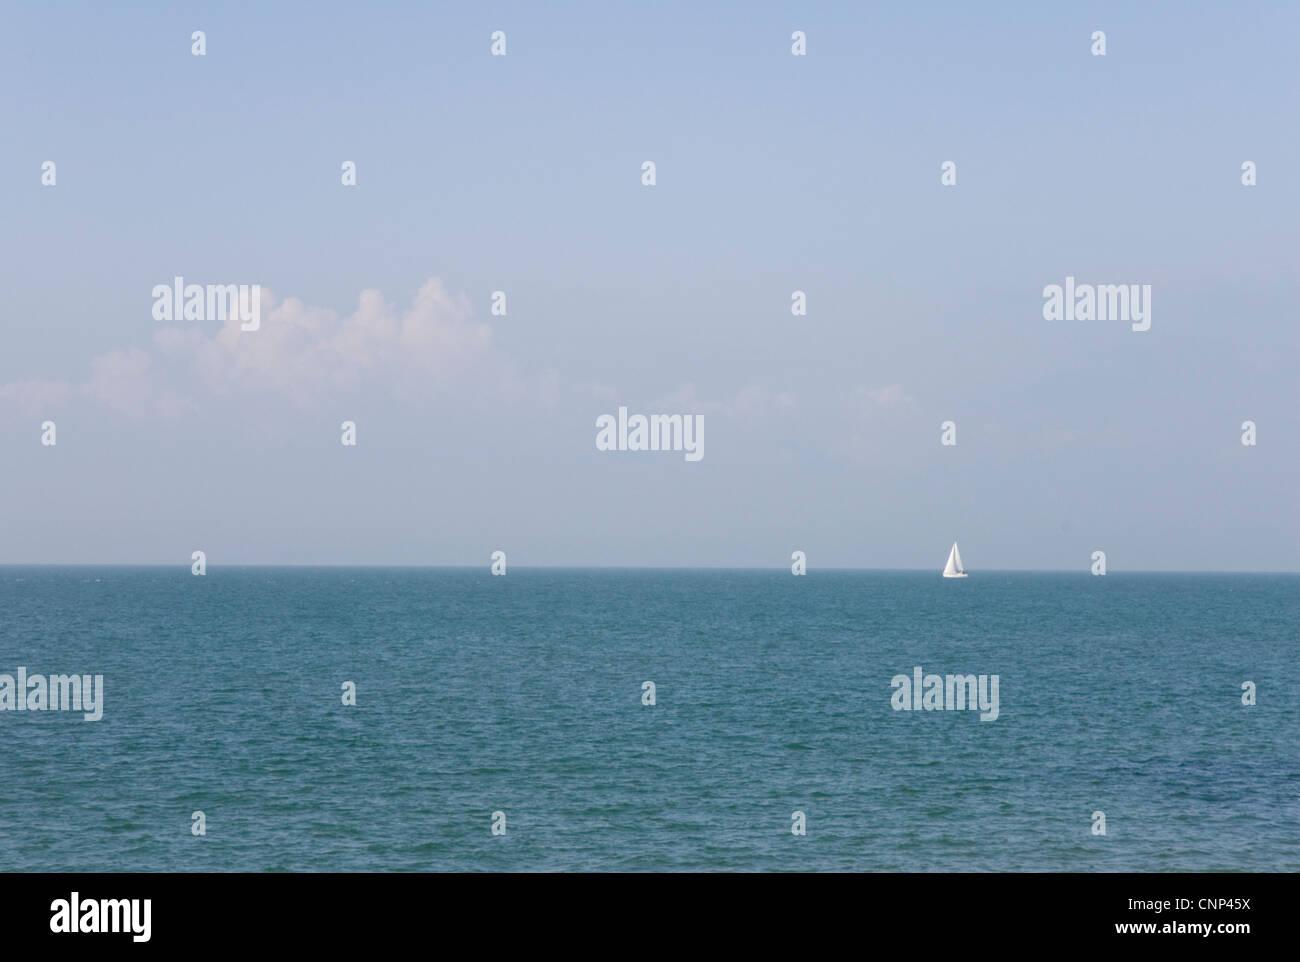 La mer bleu/vert - bleu ciel - un nuage blanc - un seul Niveau voile blanche sur l'horizon Photo Stock